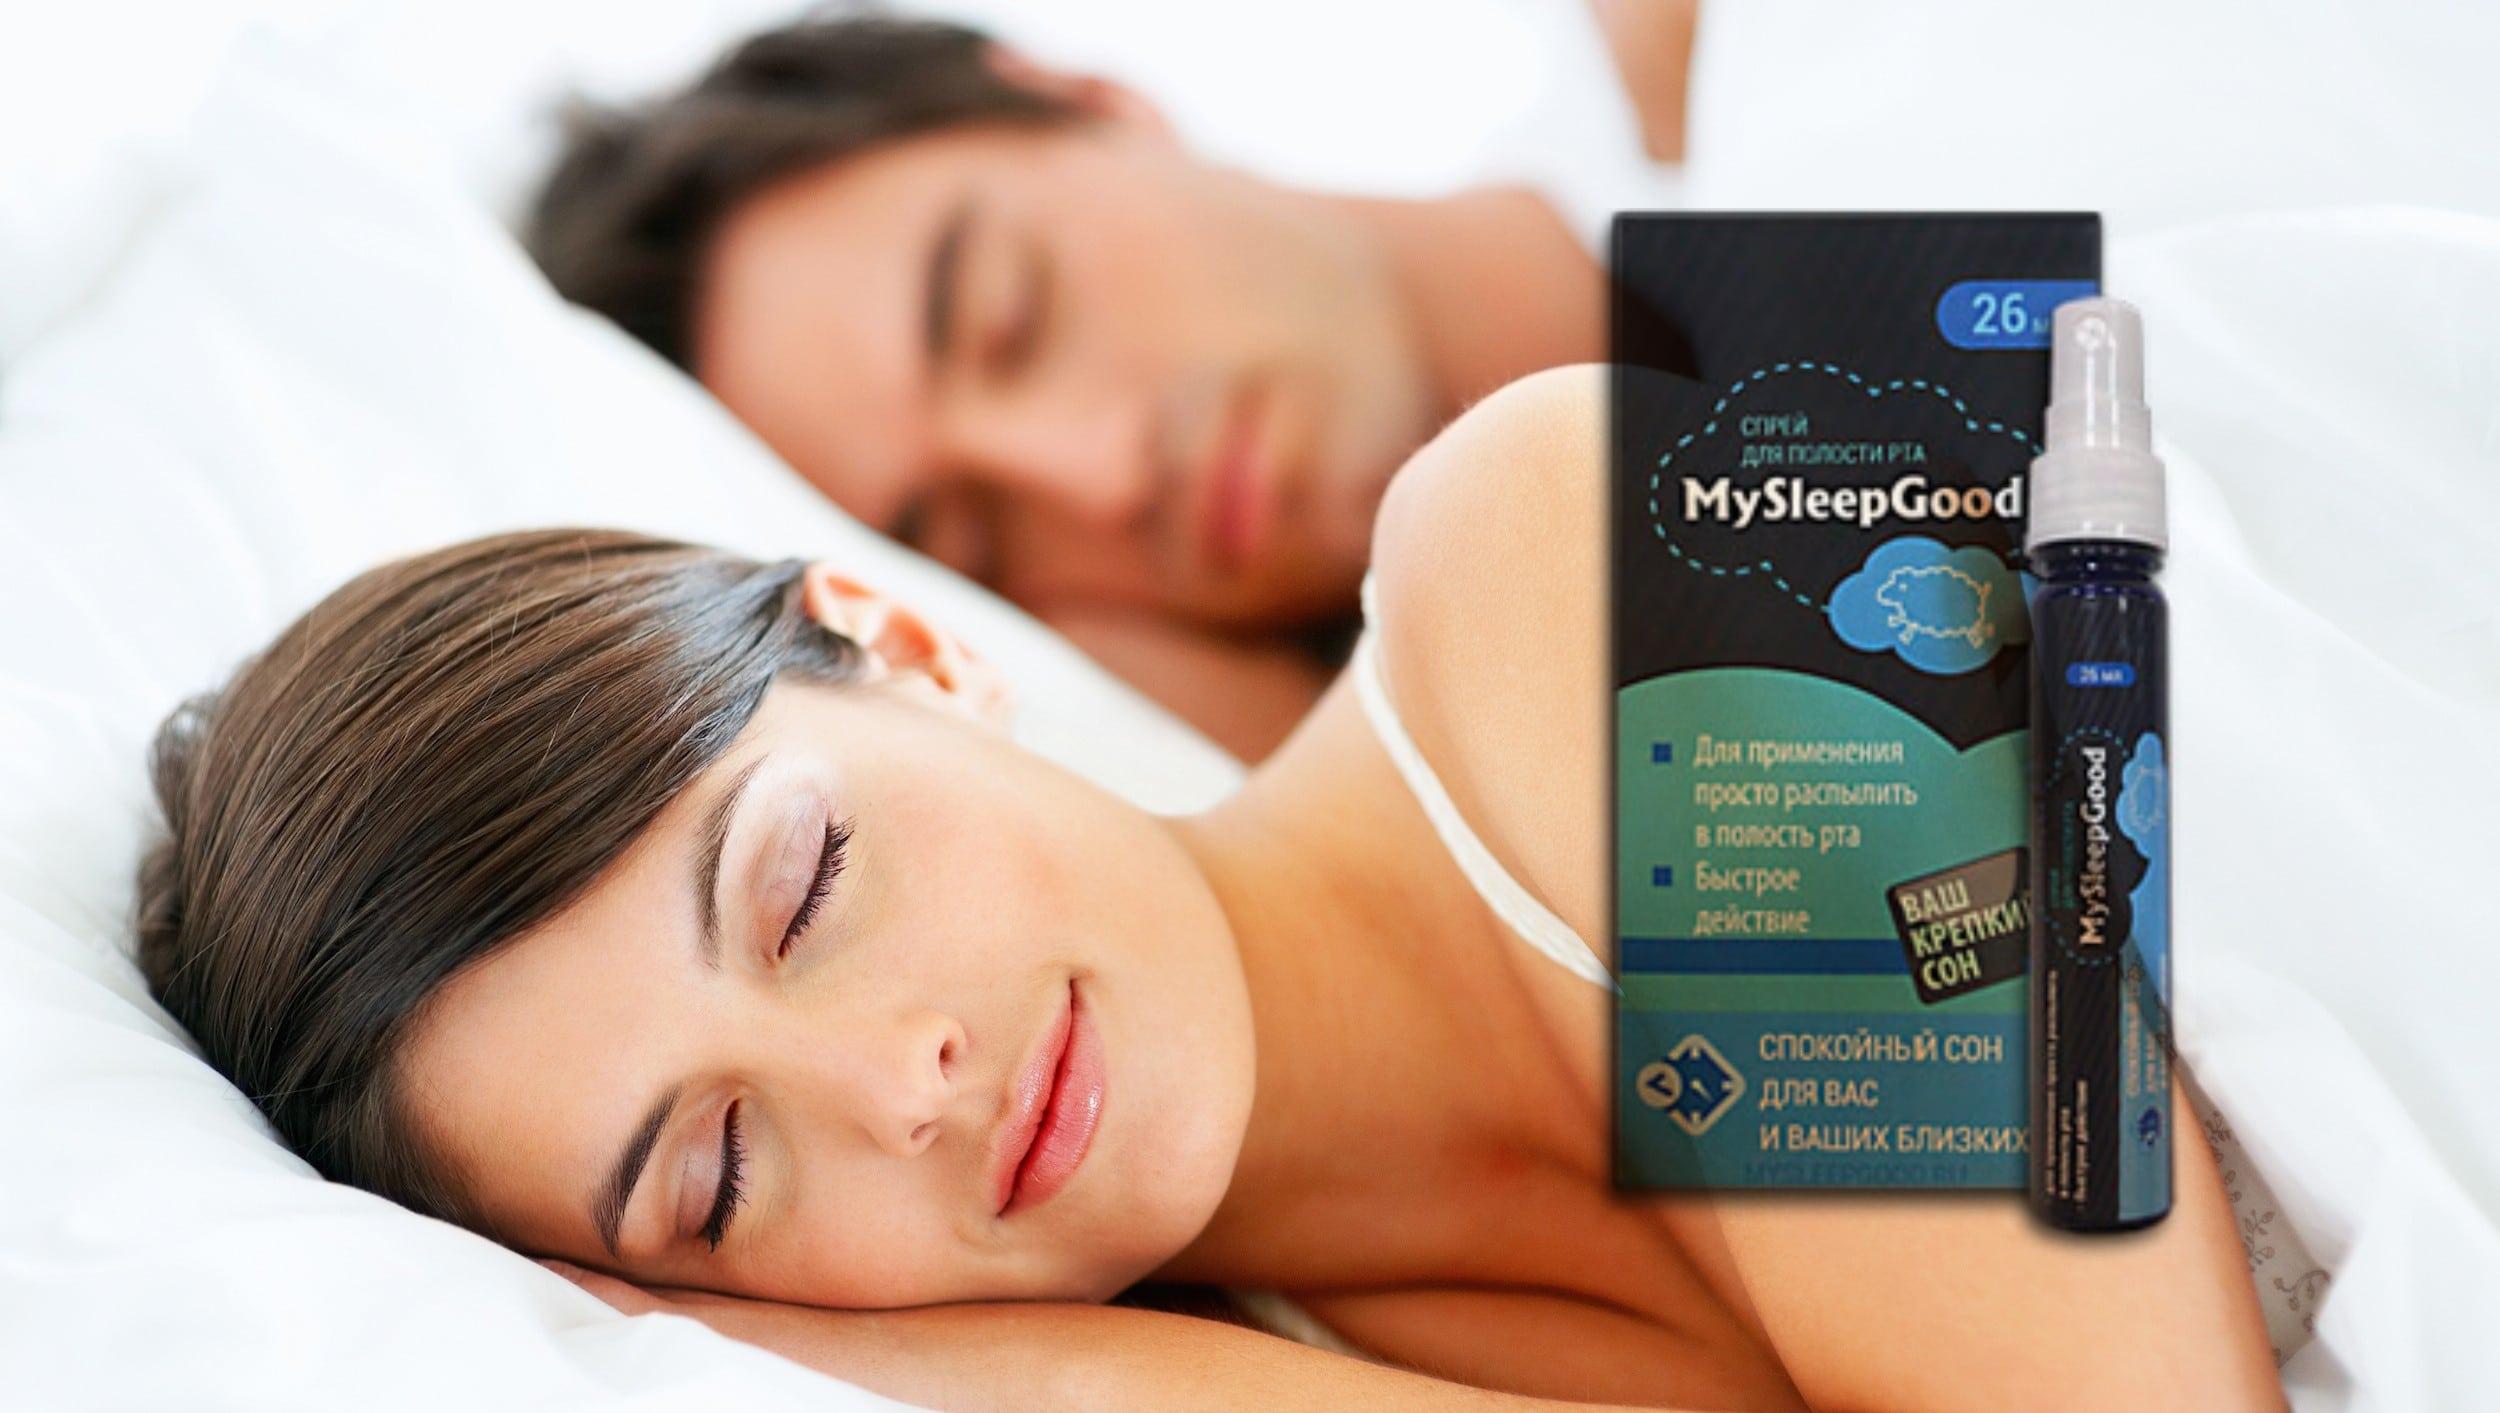 «MySleepGood» — cпрей от храпа - отзывы реальных покупателей и специалистов